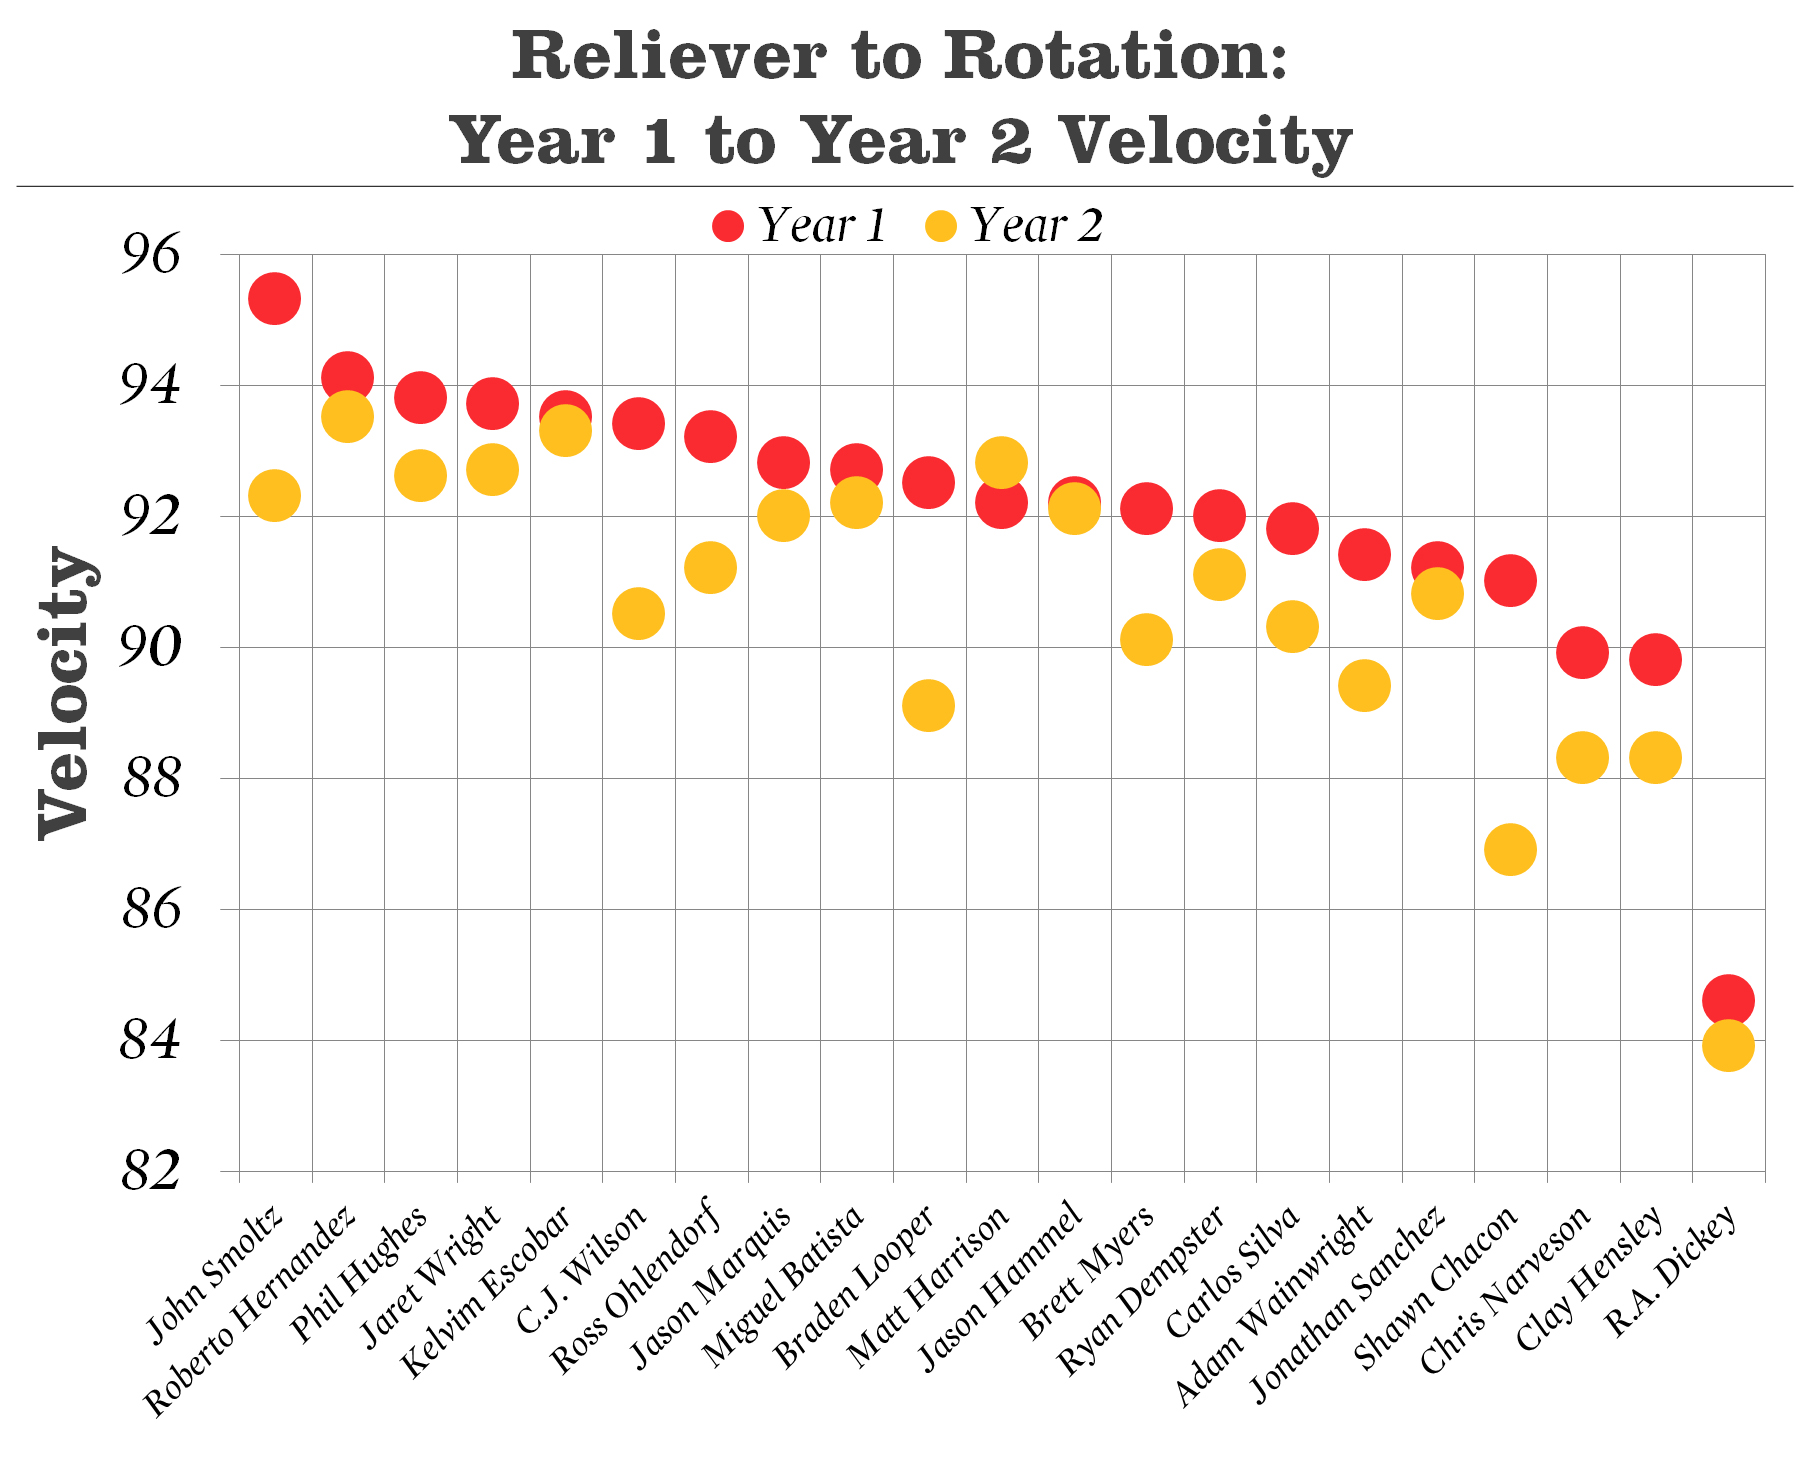 Velocity-change-reliever-rotation1_medium